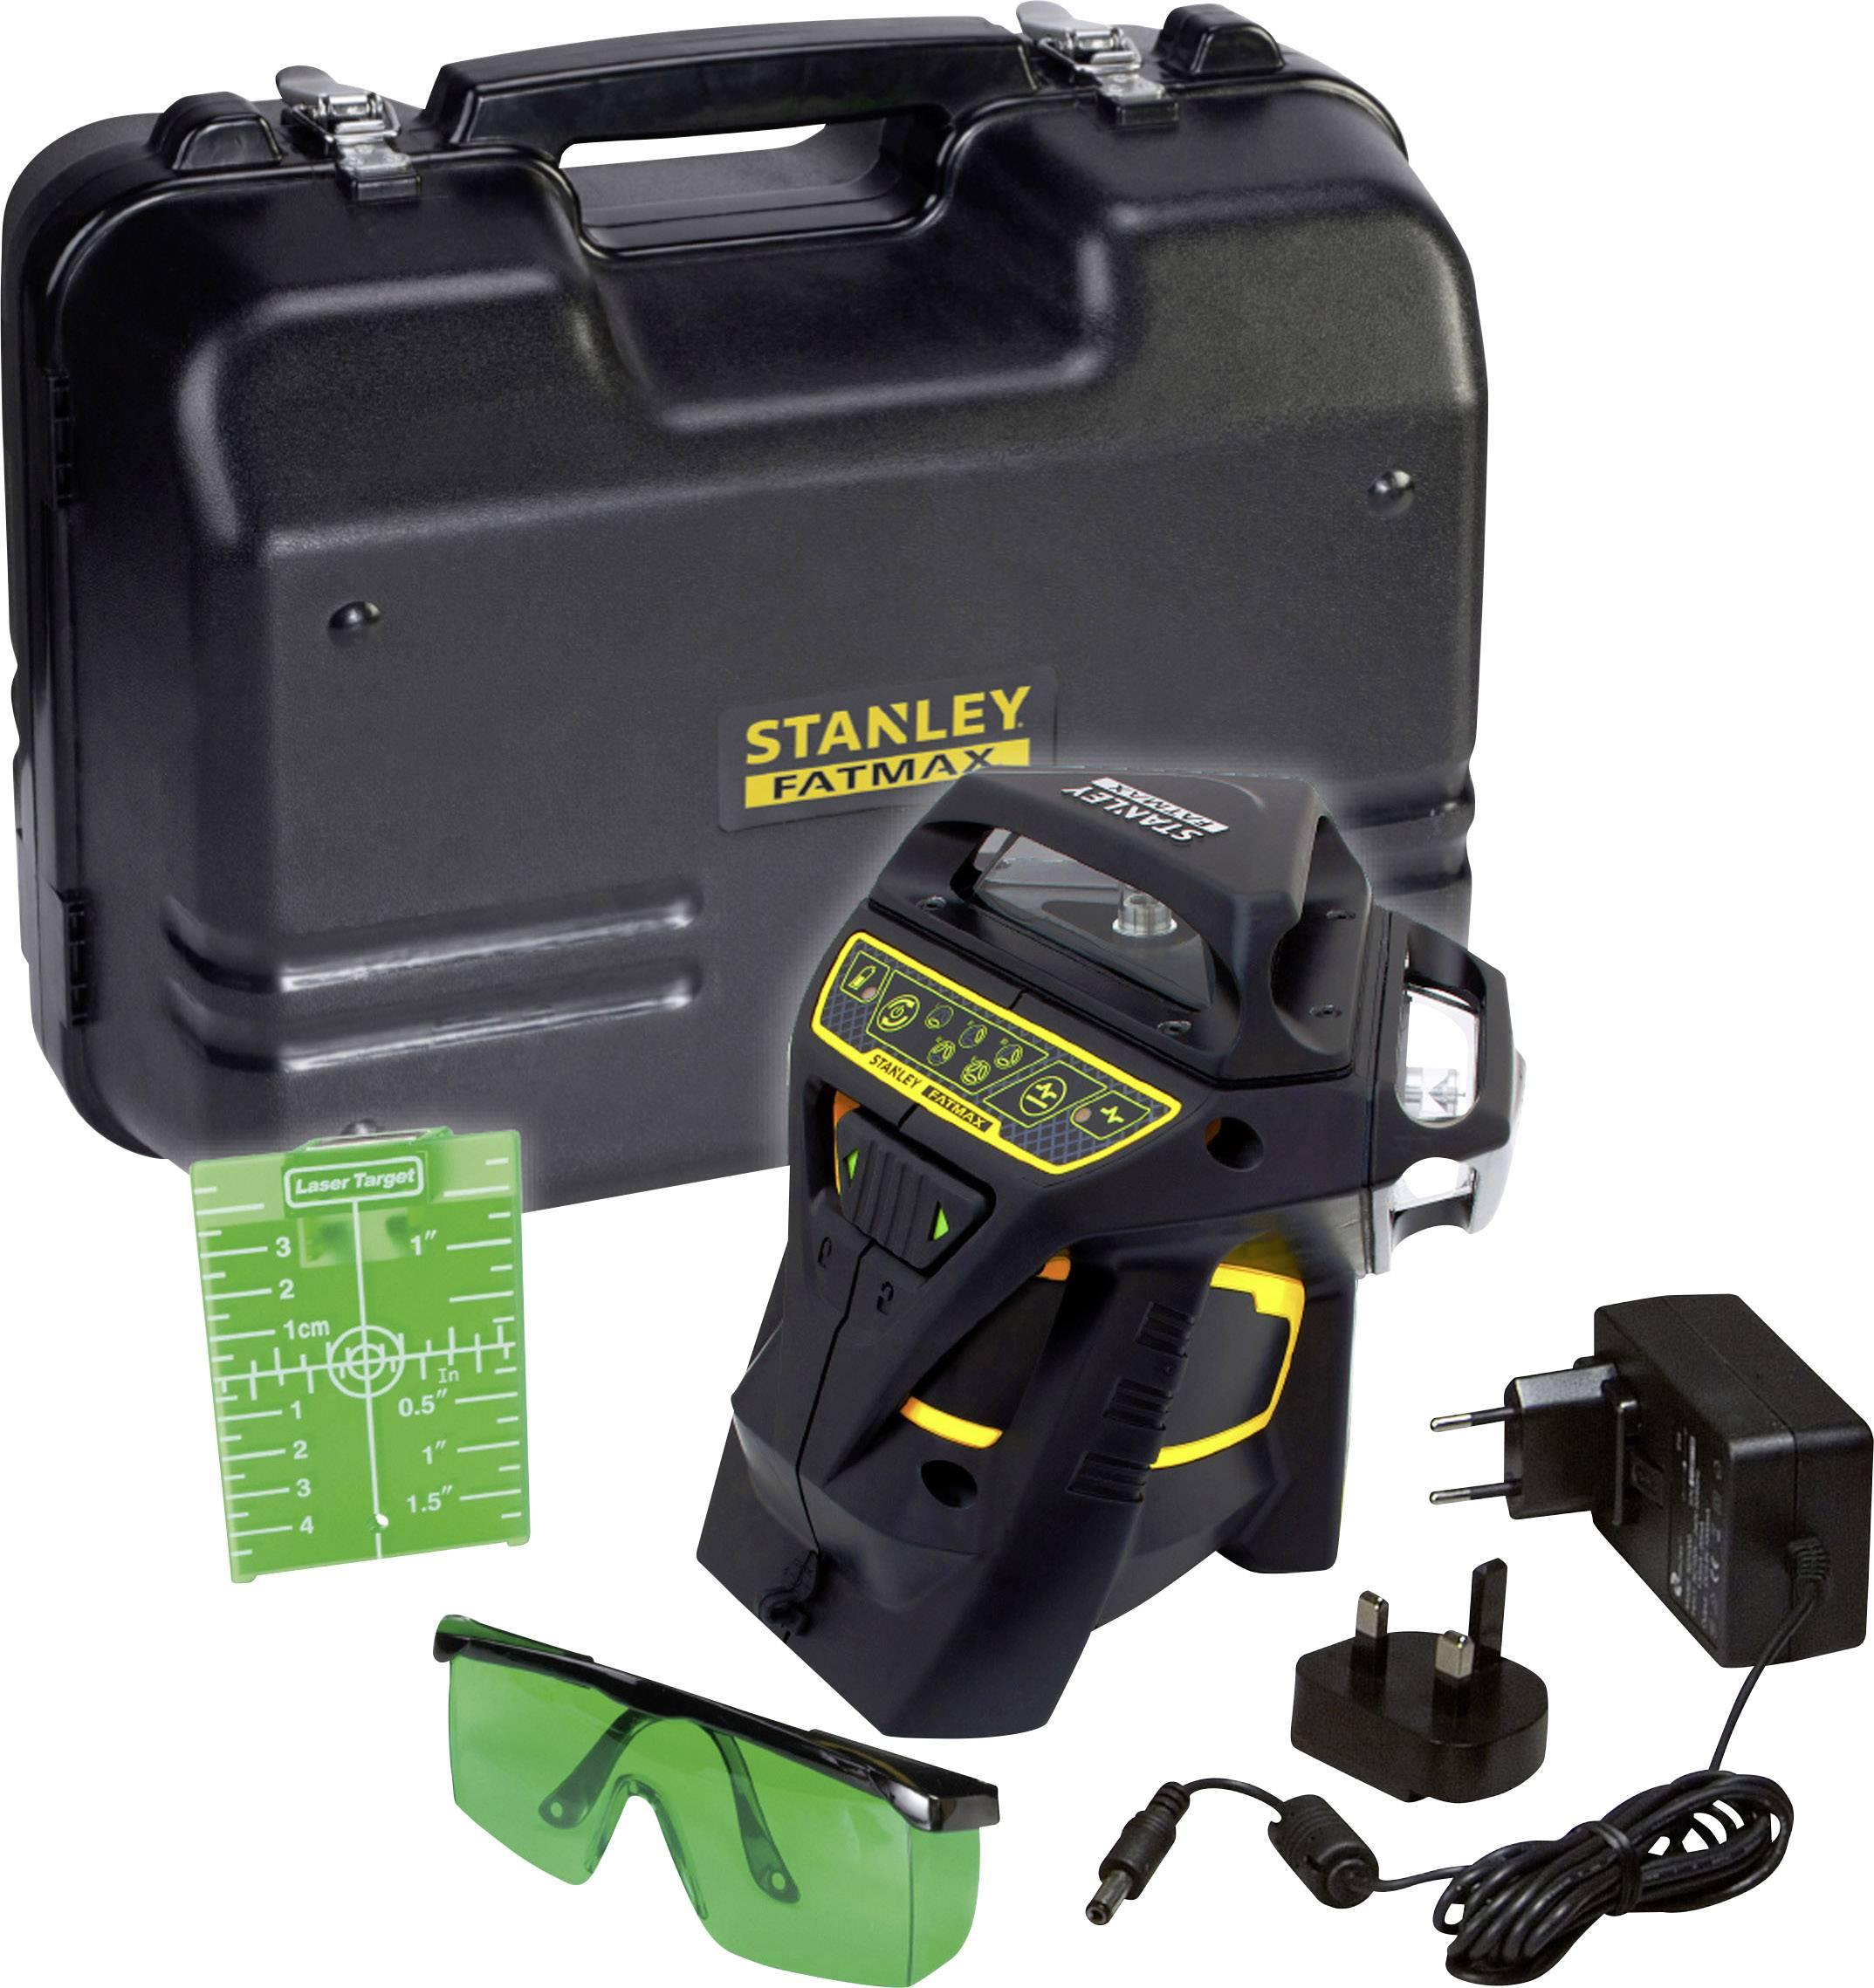 Křížová laserová vodováha Stanley by Black & Decker FatMax X3G, Kalibrováno dle: vlastní